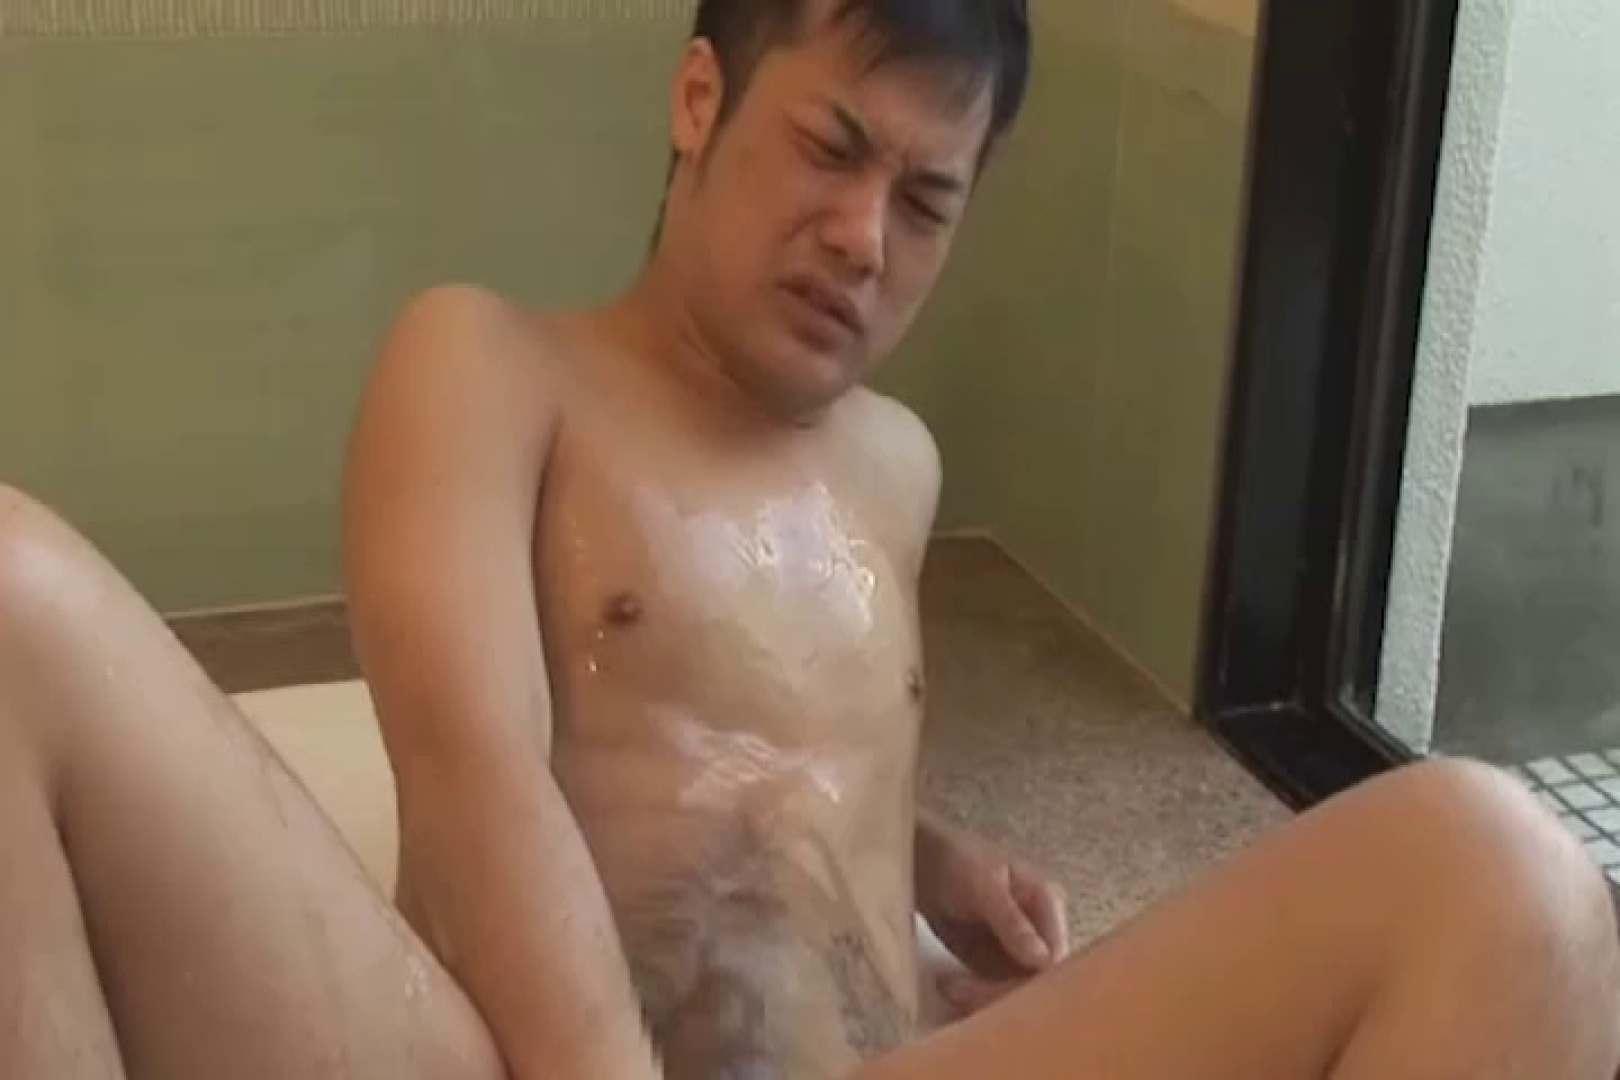 暴れん棒!!雄穴を狙え!! vol.02 オナニー ゲイ無料エロ画像 71pic 12